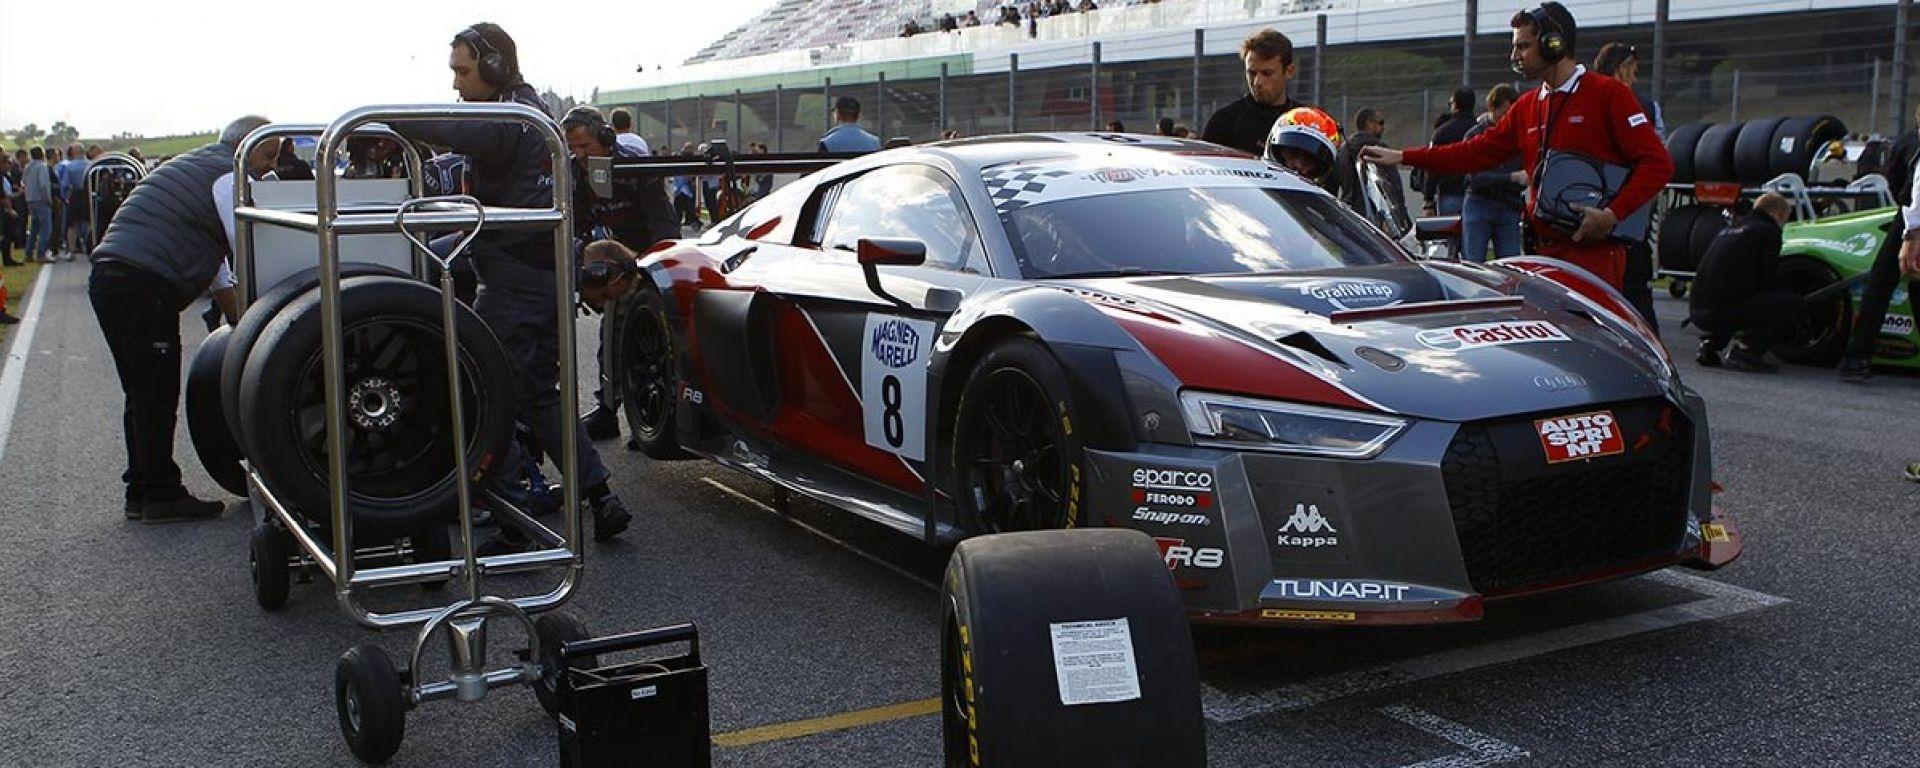 Audi Sport Italia - Campionato Italiano GT 2017